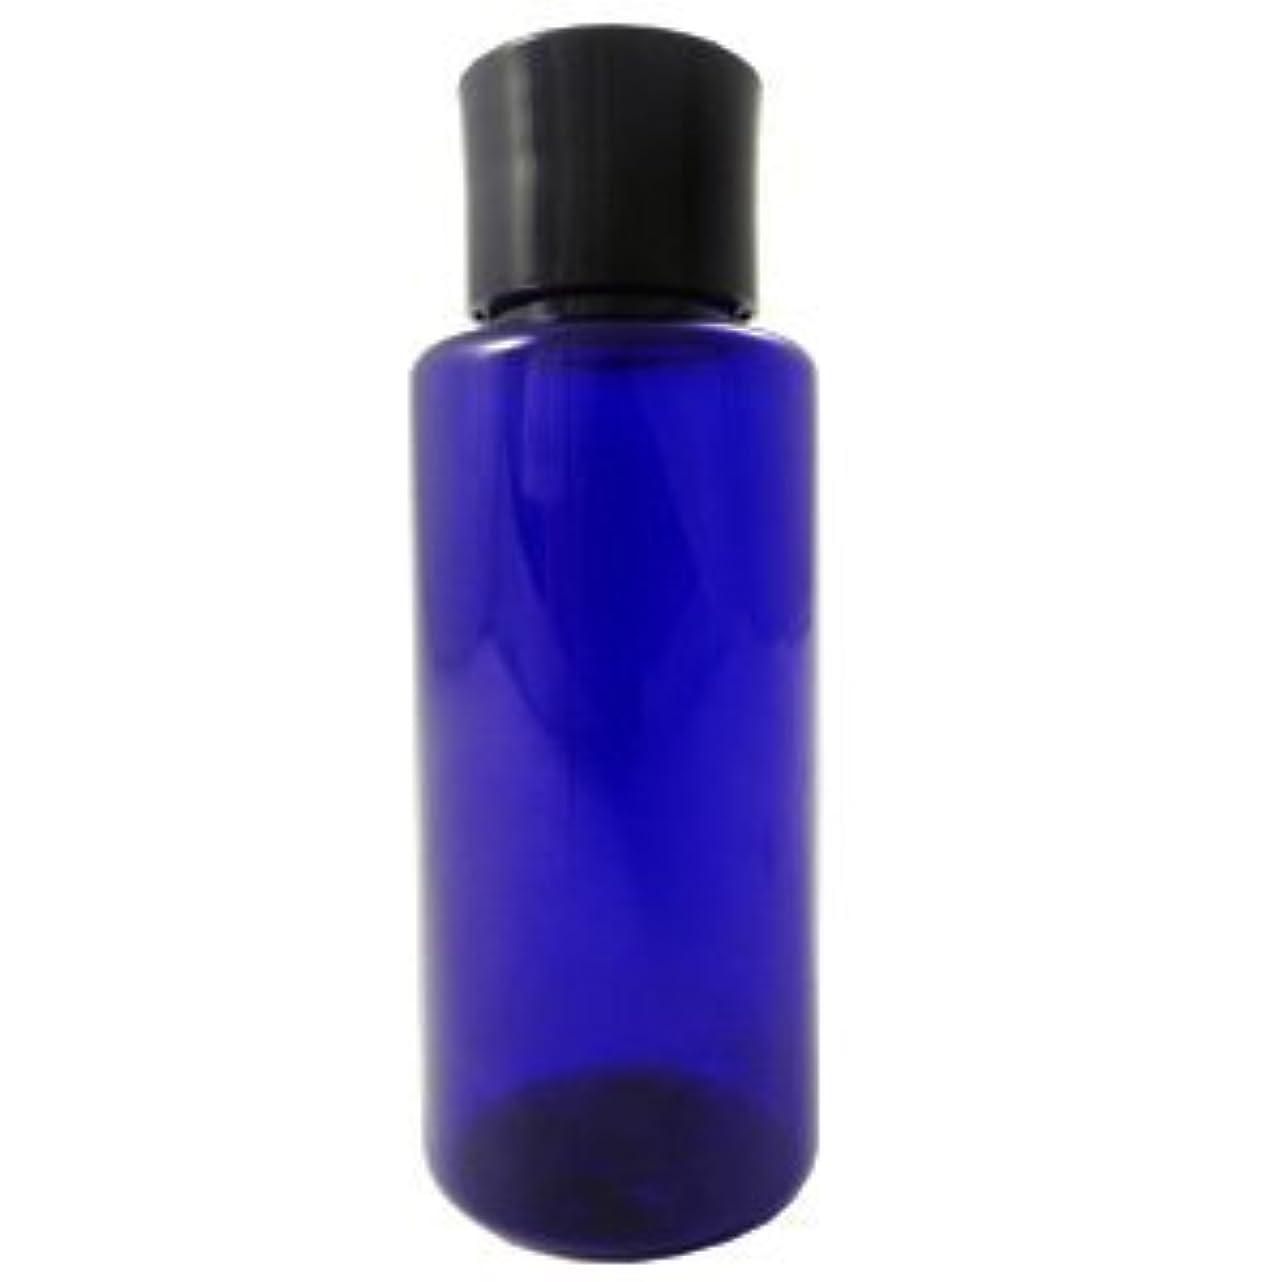 動雪の故意にPETボトル コバルトブルー 青 50ml 化粧水用中栓